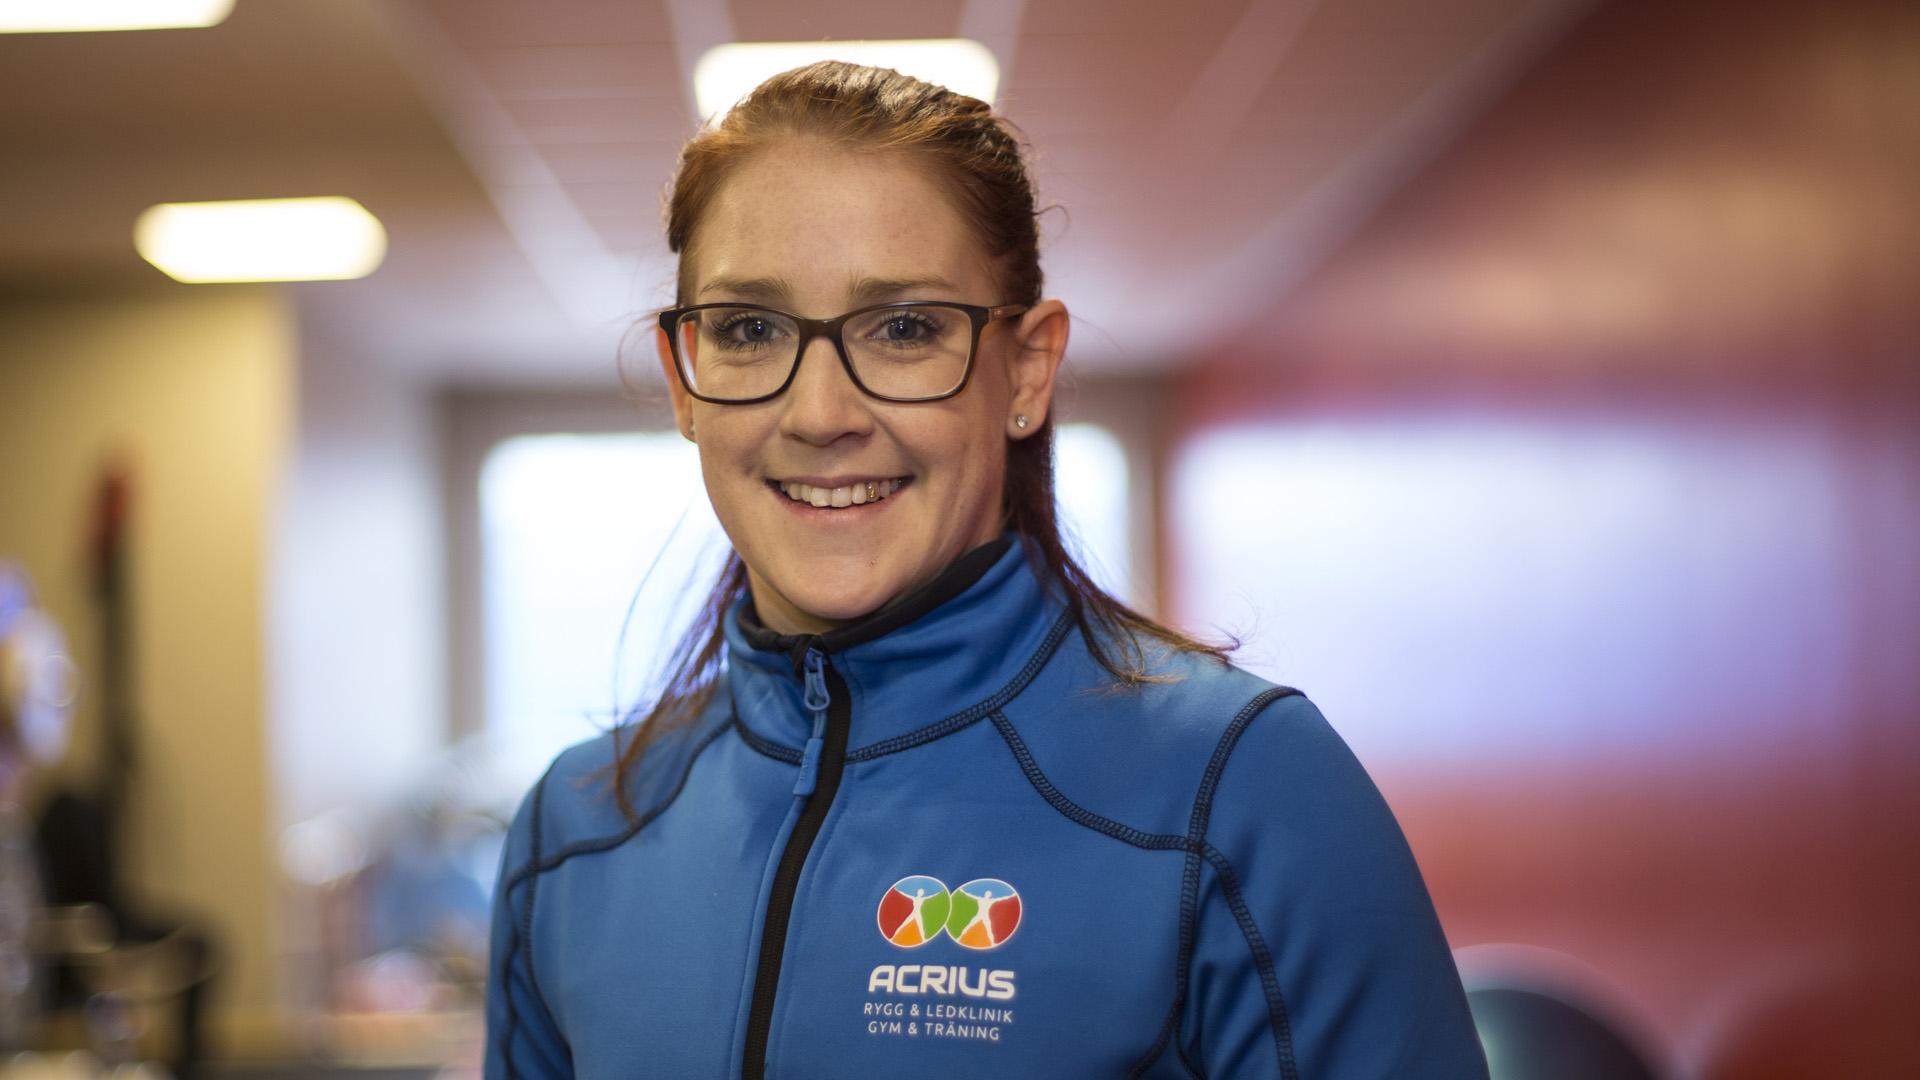 Vackert porträtt av en kvinnlig anställd i gymmet